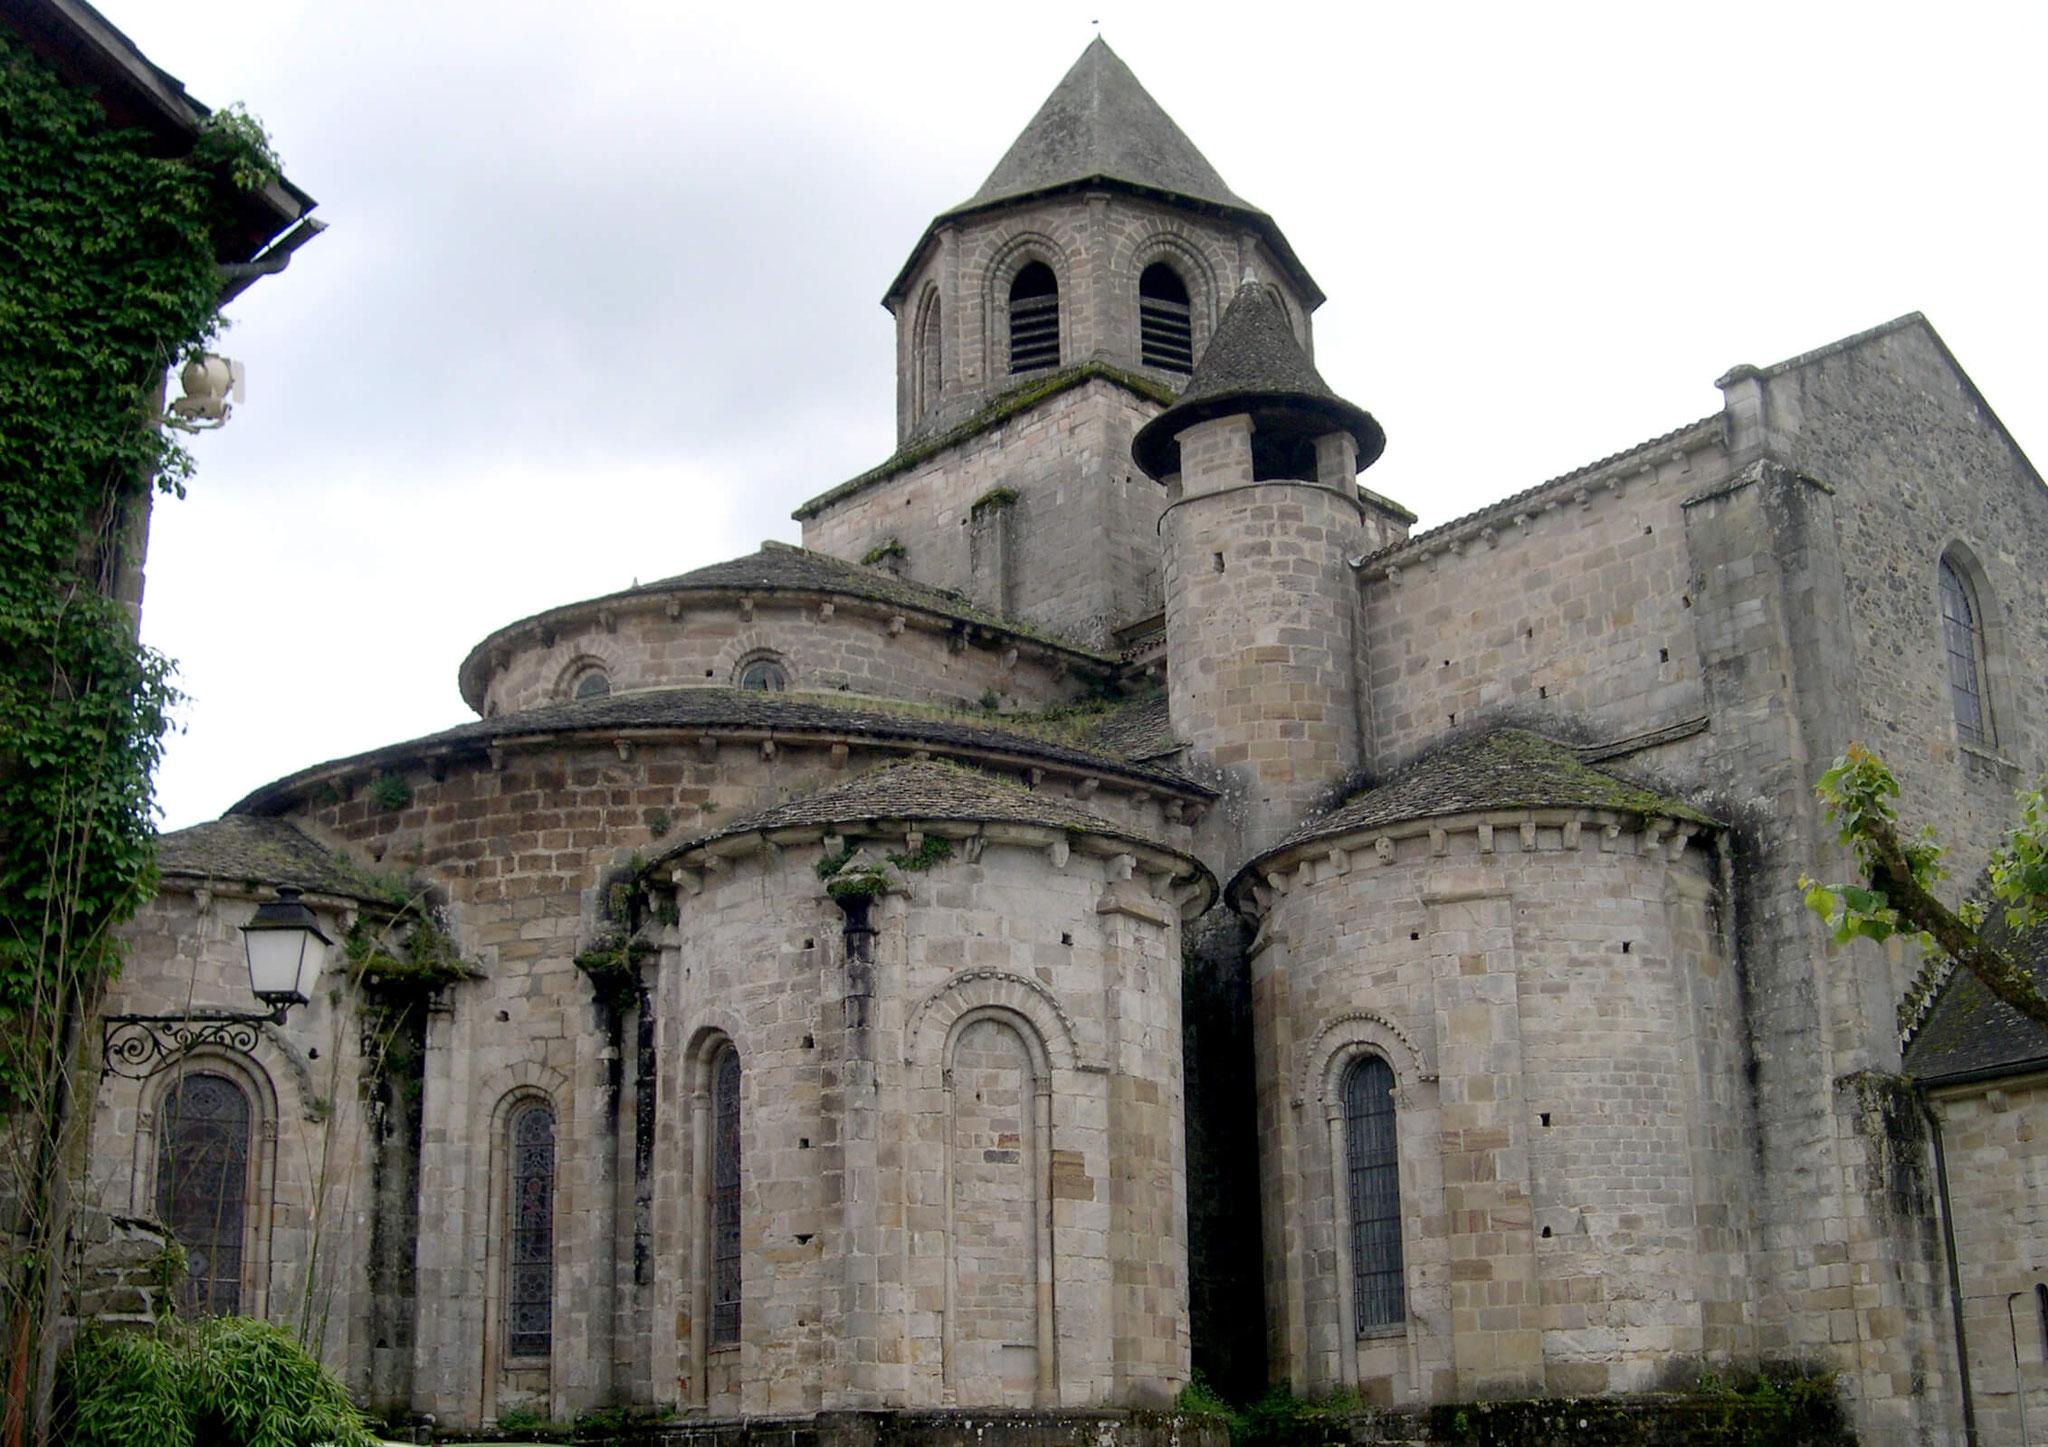 Le chevet de l'abbatiale de Beaulieu avant restauration